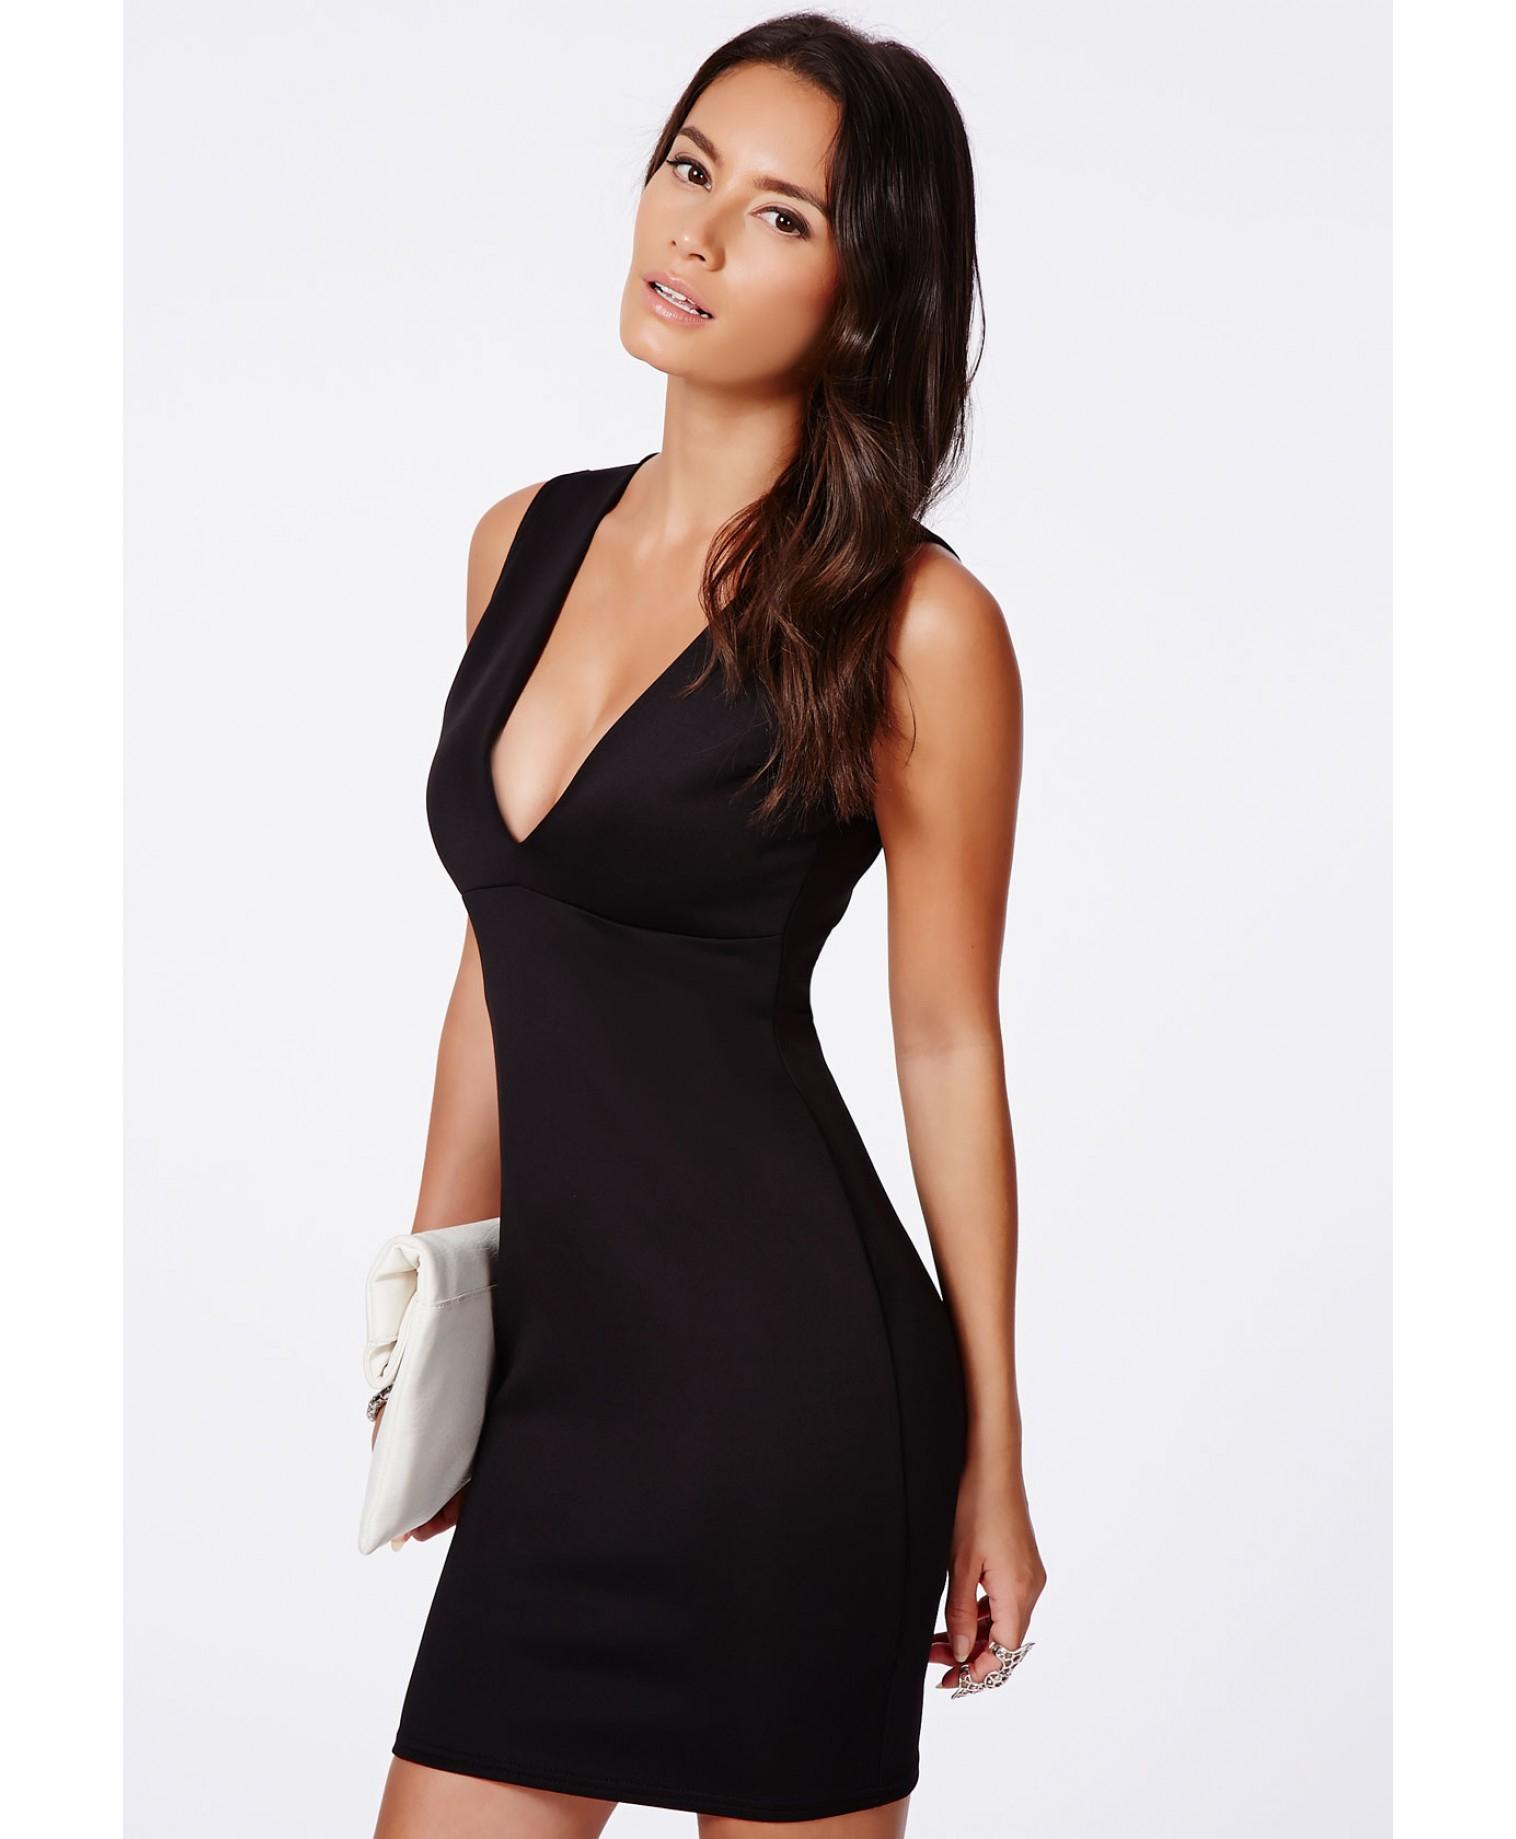 c91f5658ff1e Lyst - Missguided Kesari Black Plunge Neck Bodycon Mini Dress in Black